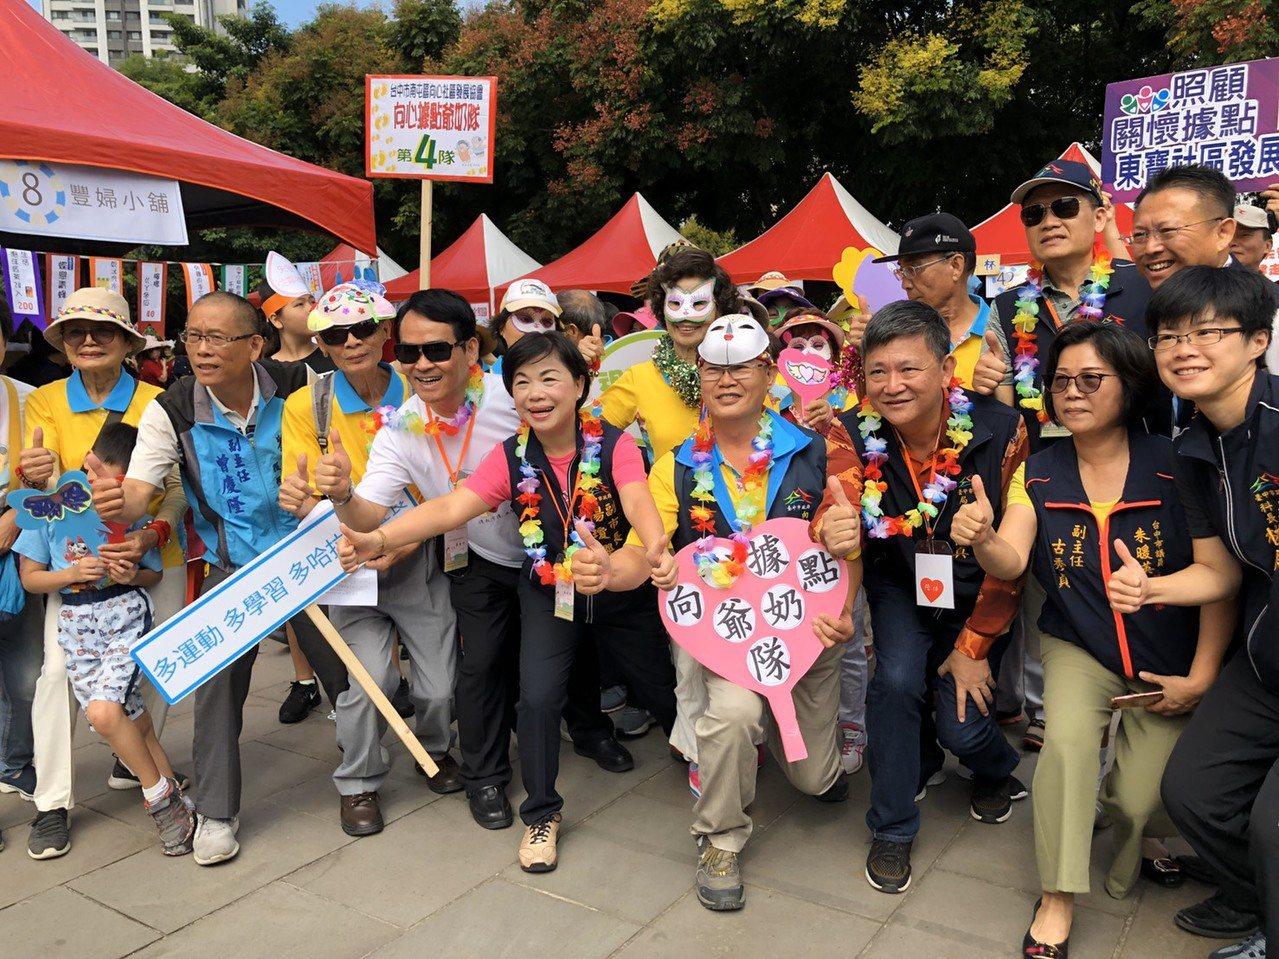 關懷失智症健走園遊會連辦17年,希望多多關懷失智者。圖/中華民國失智者照顧協會